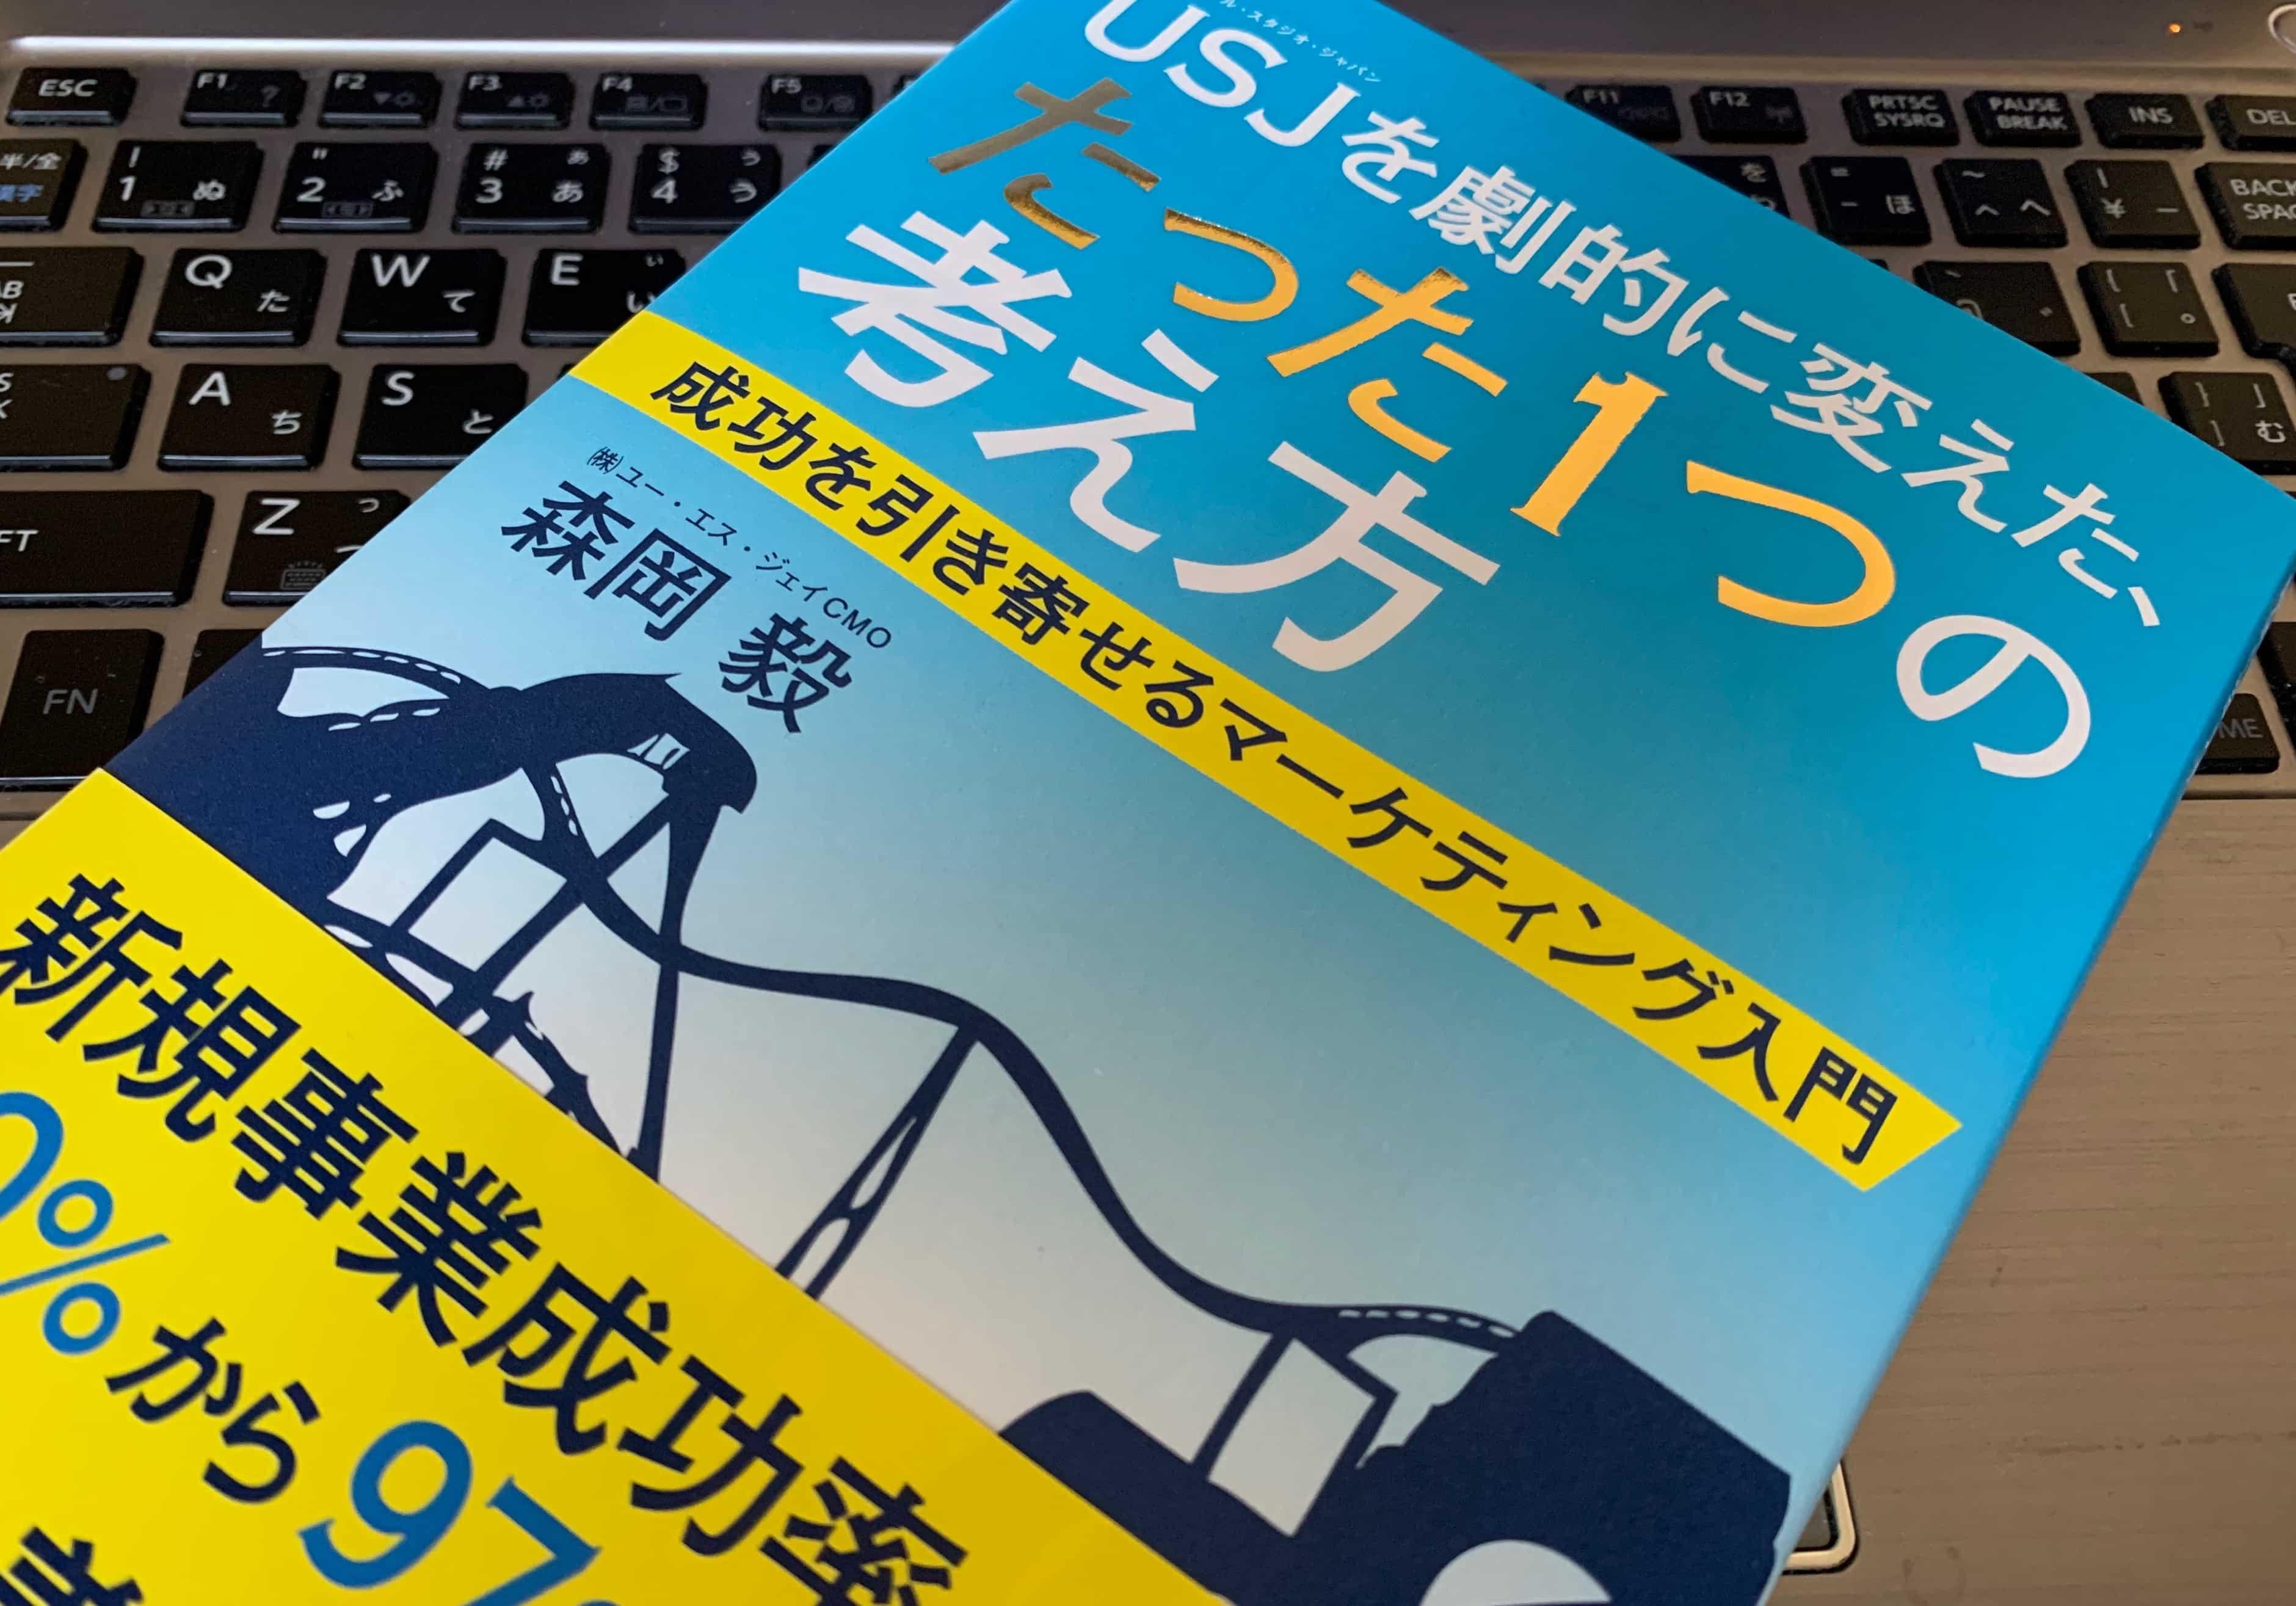 USJを劇的に変えた、たった1つの考え方 成功を引き寄せるマーケティング入門(森岡毅)